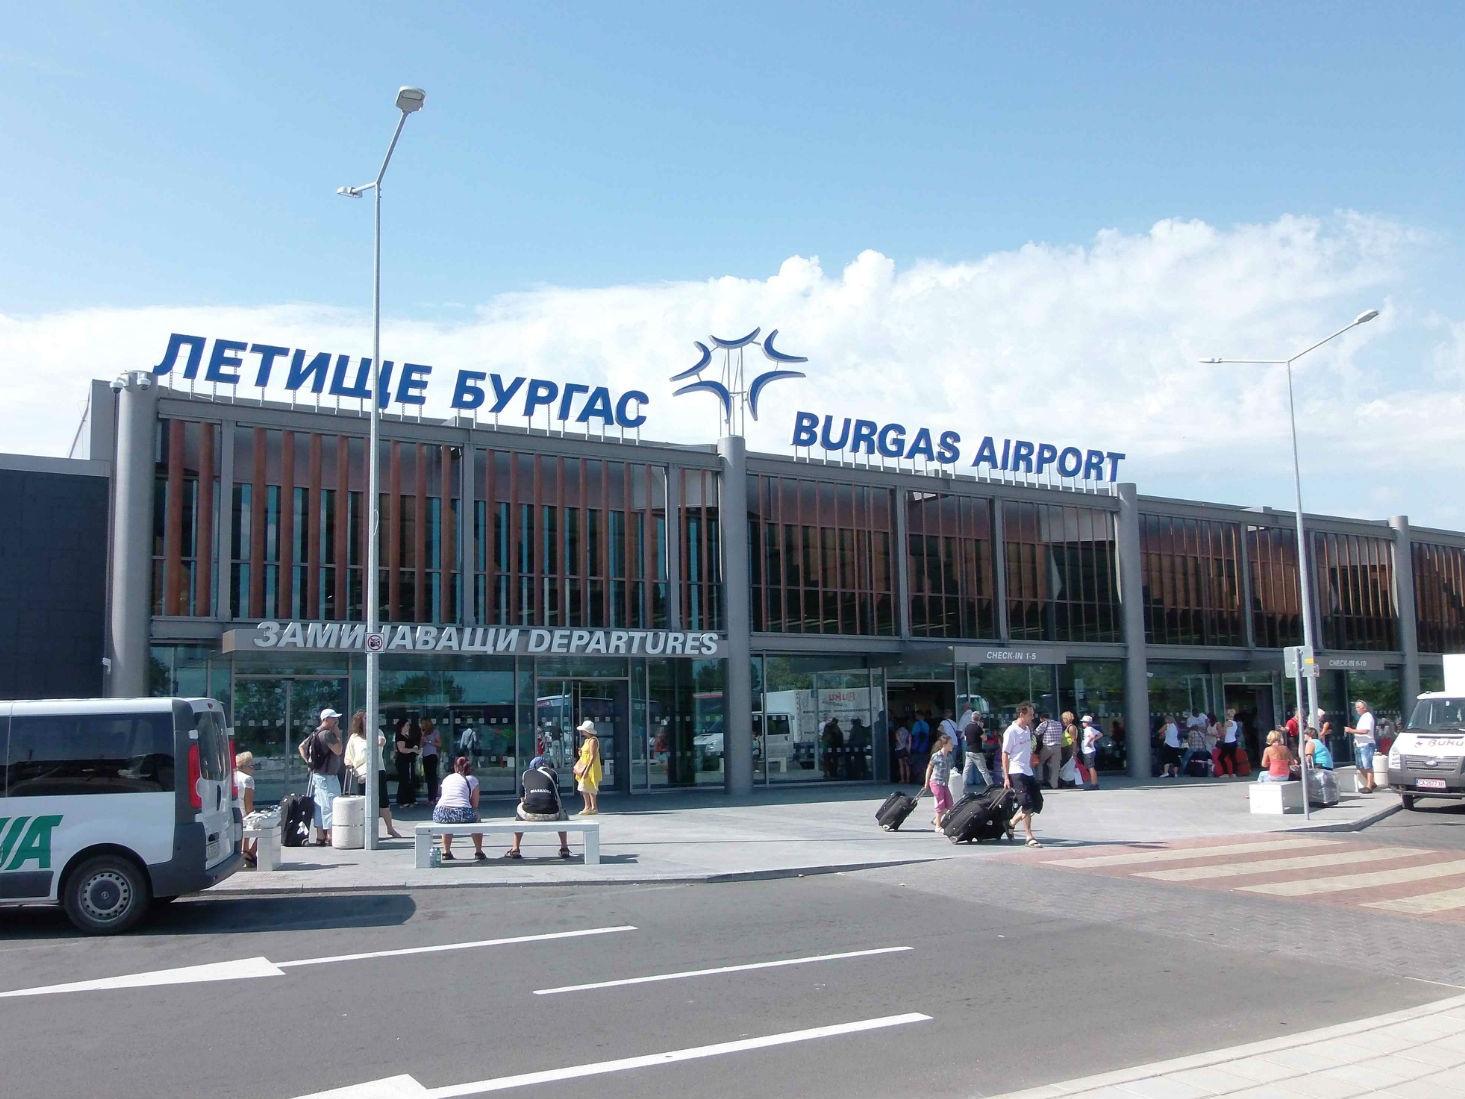 Аренда машины бургас аэропорт без залога автосалон тойота в москве на горьковском шоссе